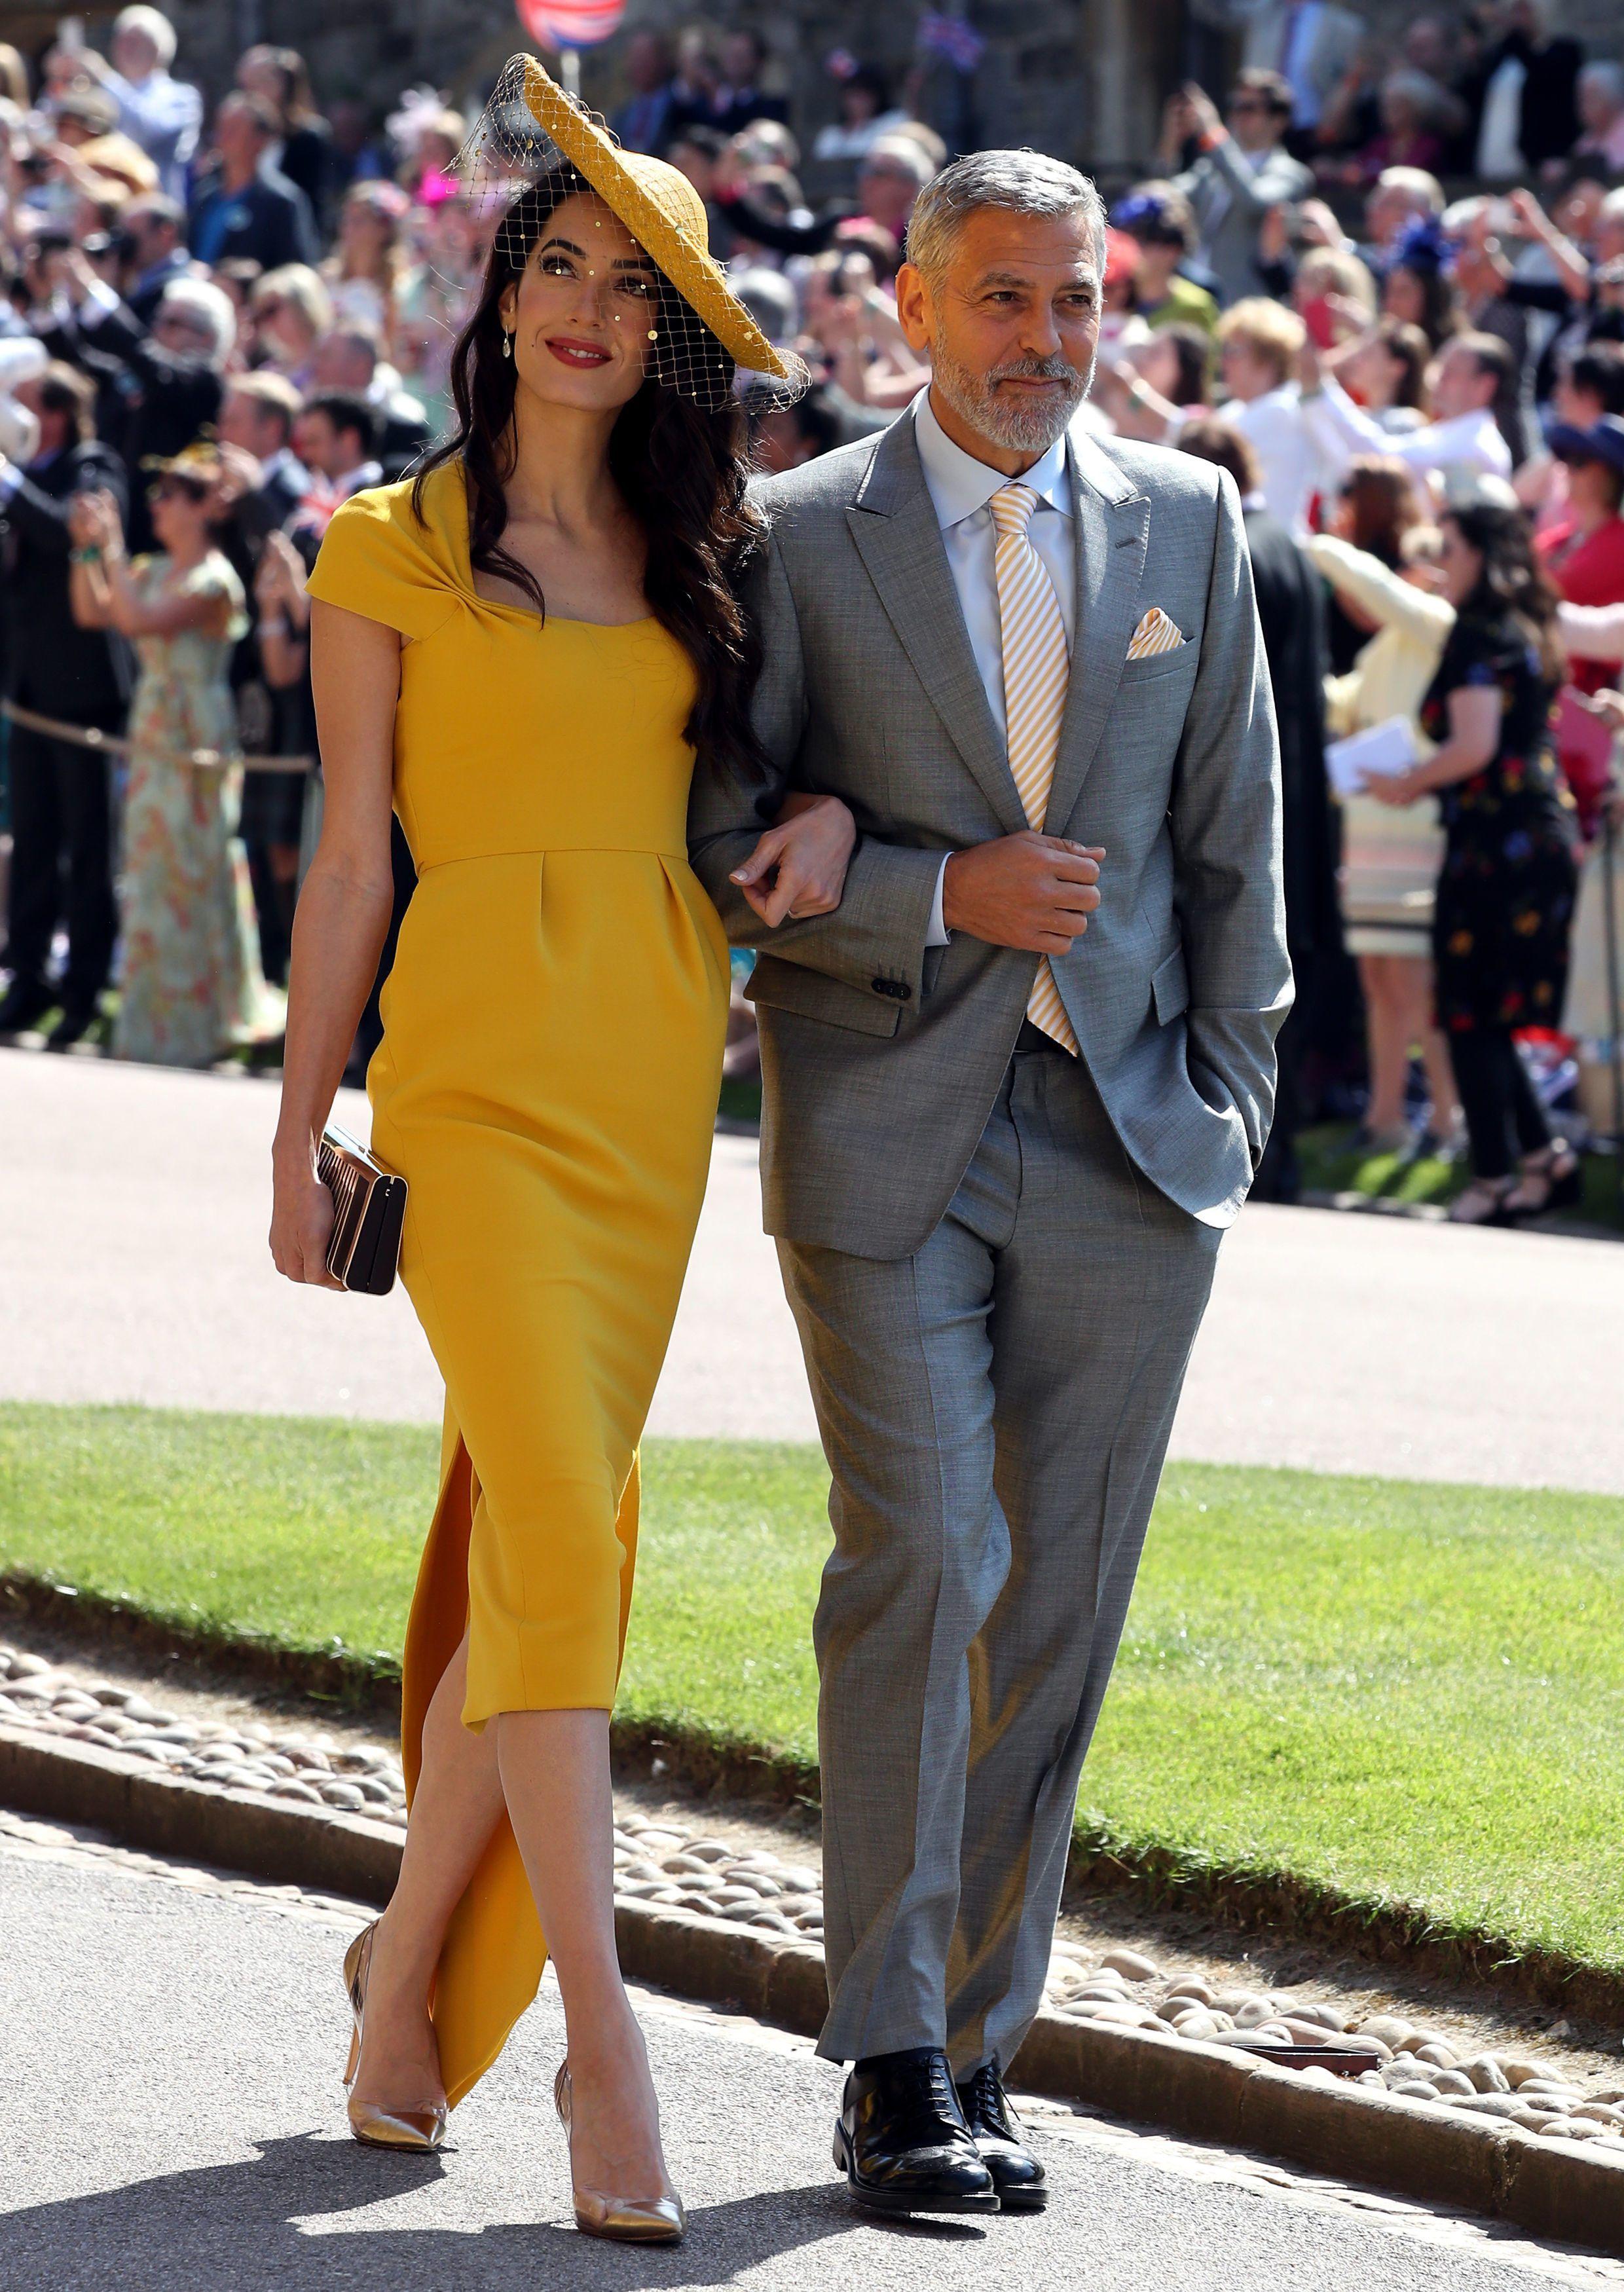 George E Amal Clooney Coole Kleider Konigliche Hochzeitskleider Hochzeit Outfit Gast